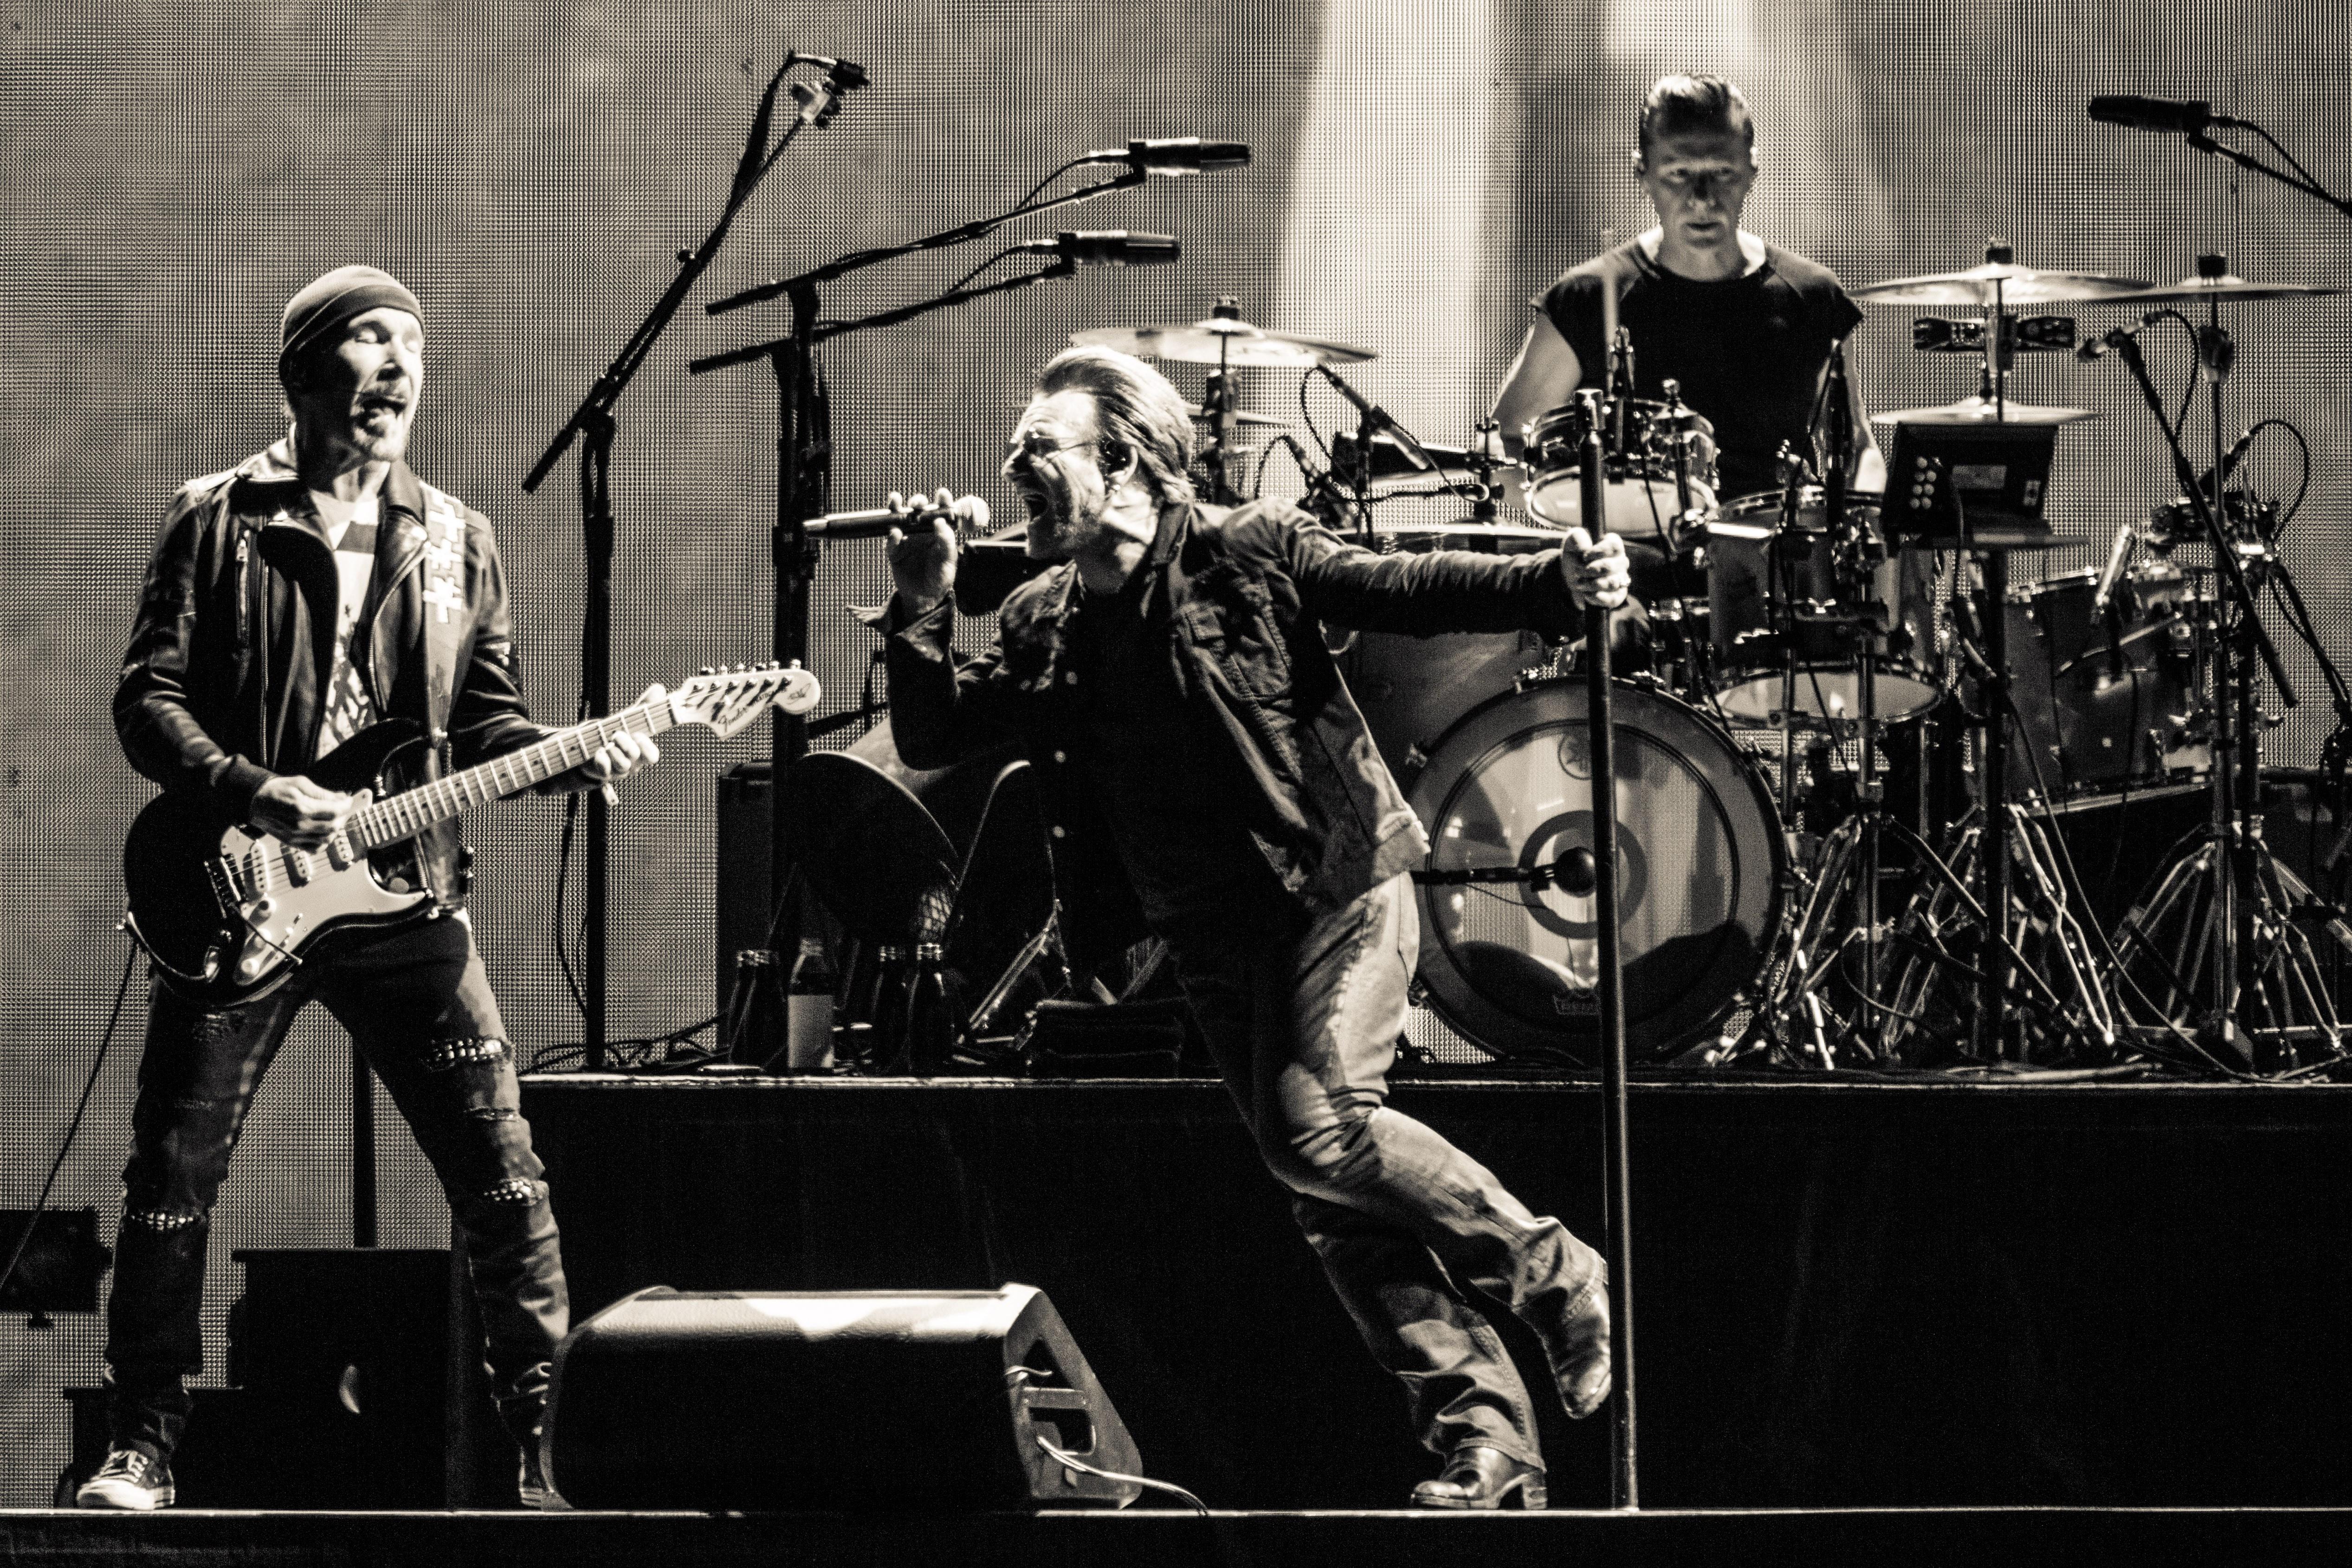 Concert: U2